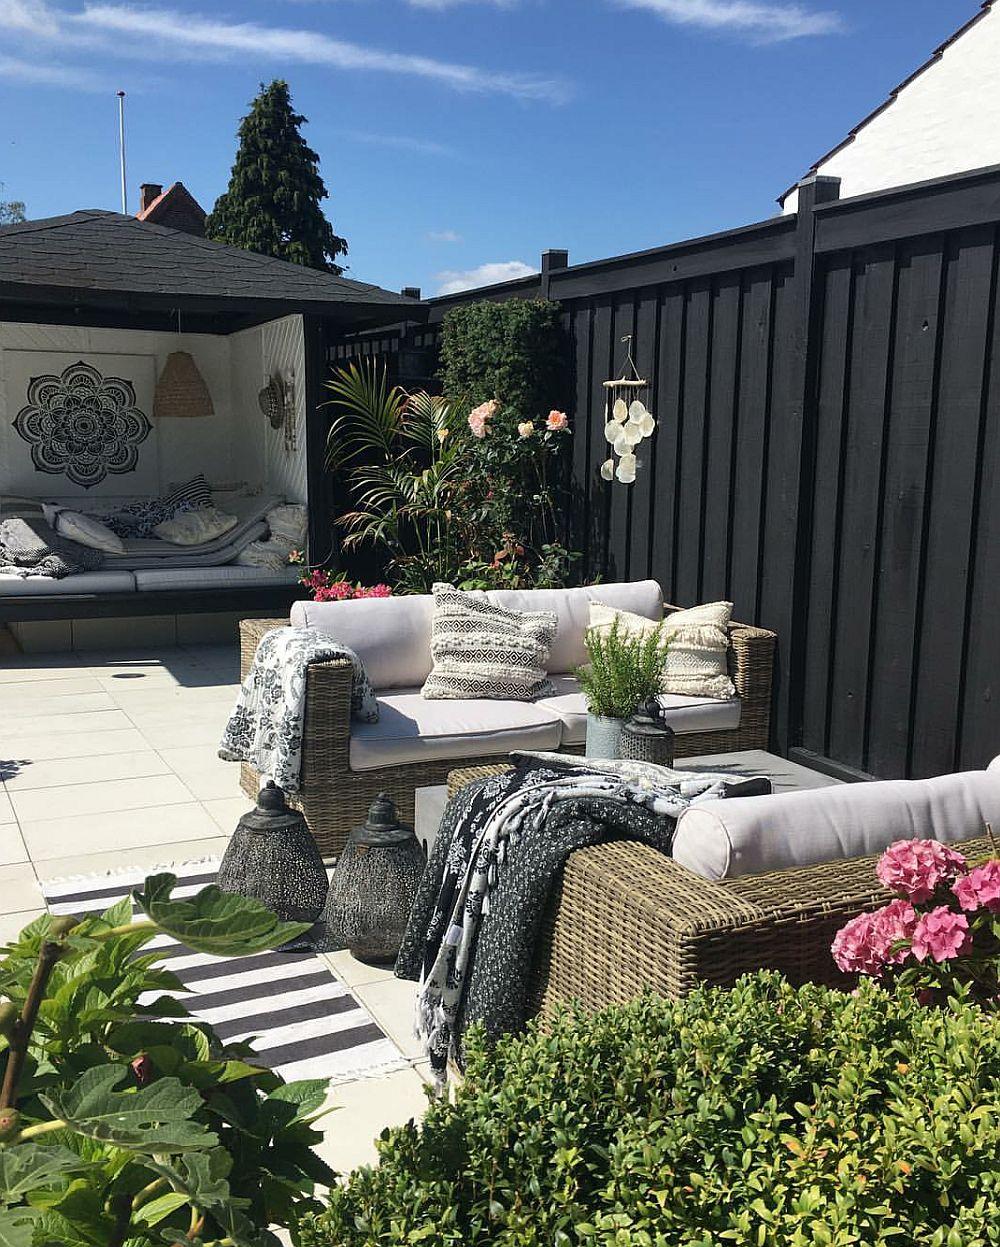 adelaparvu.com despre terasa in stil Nordic Boho, designer si foto Kristen Skovbon (18)